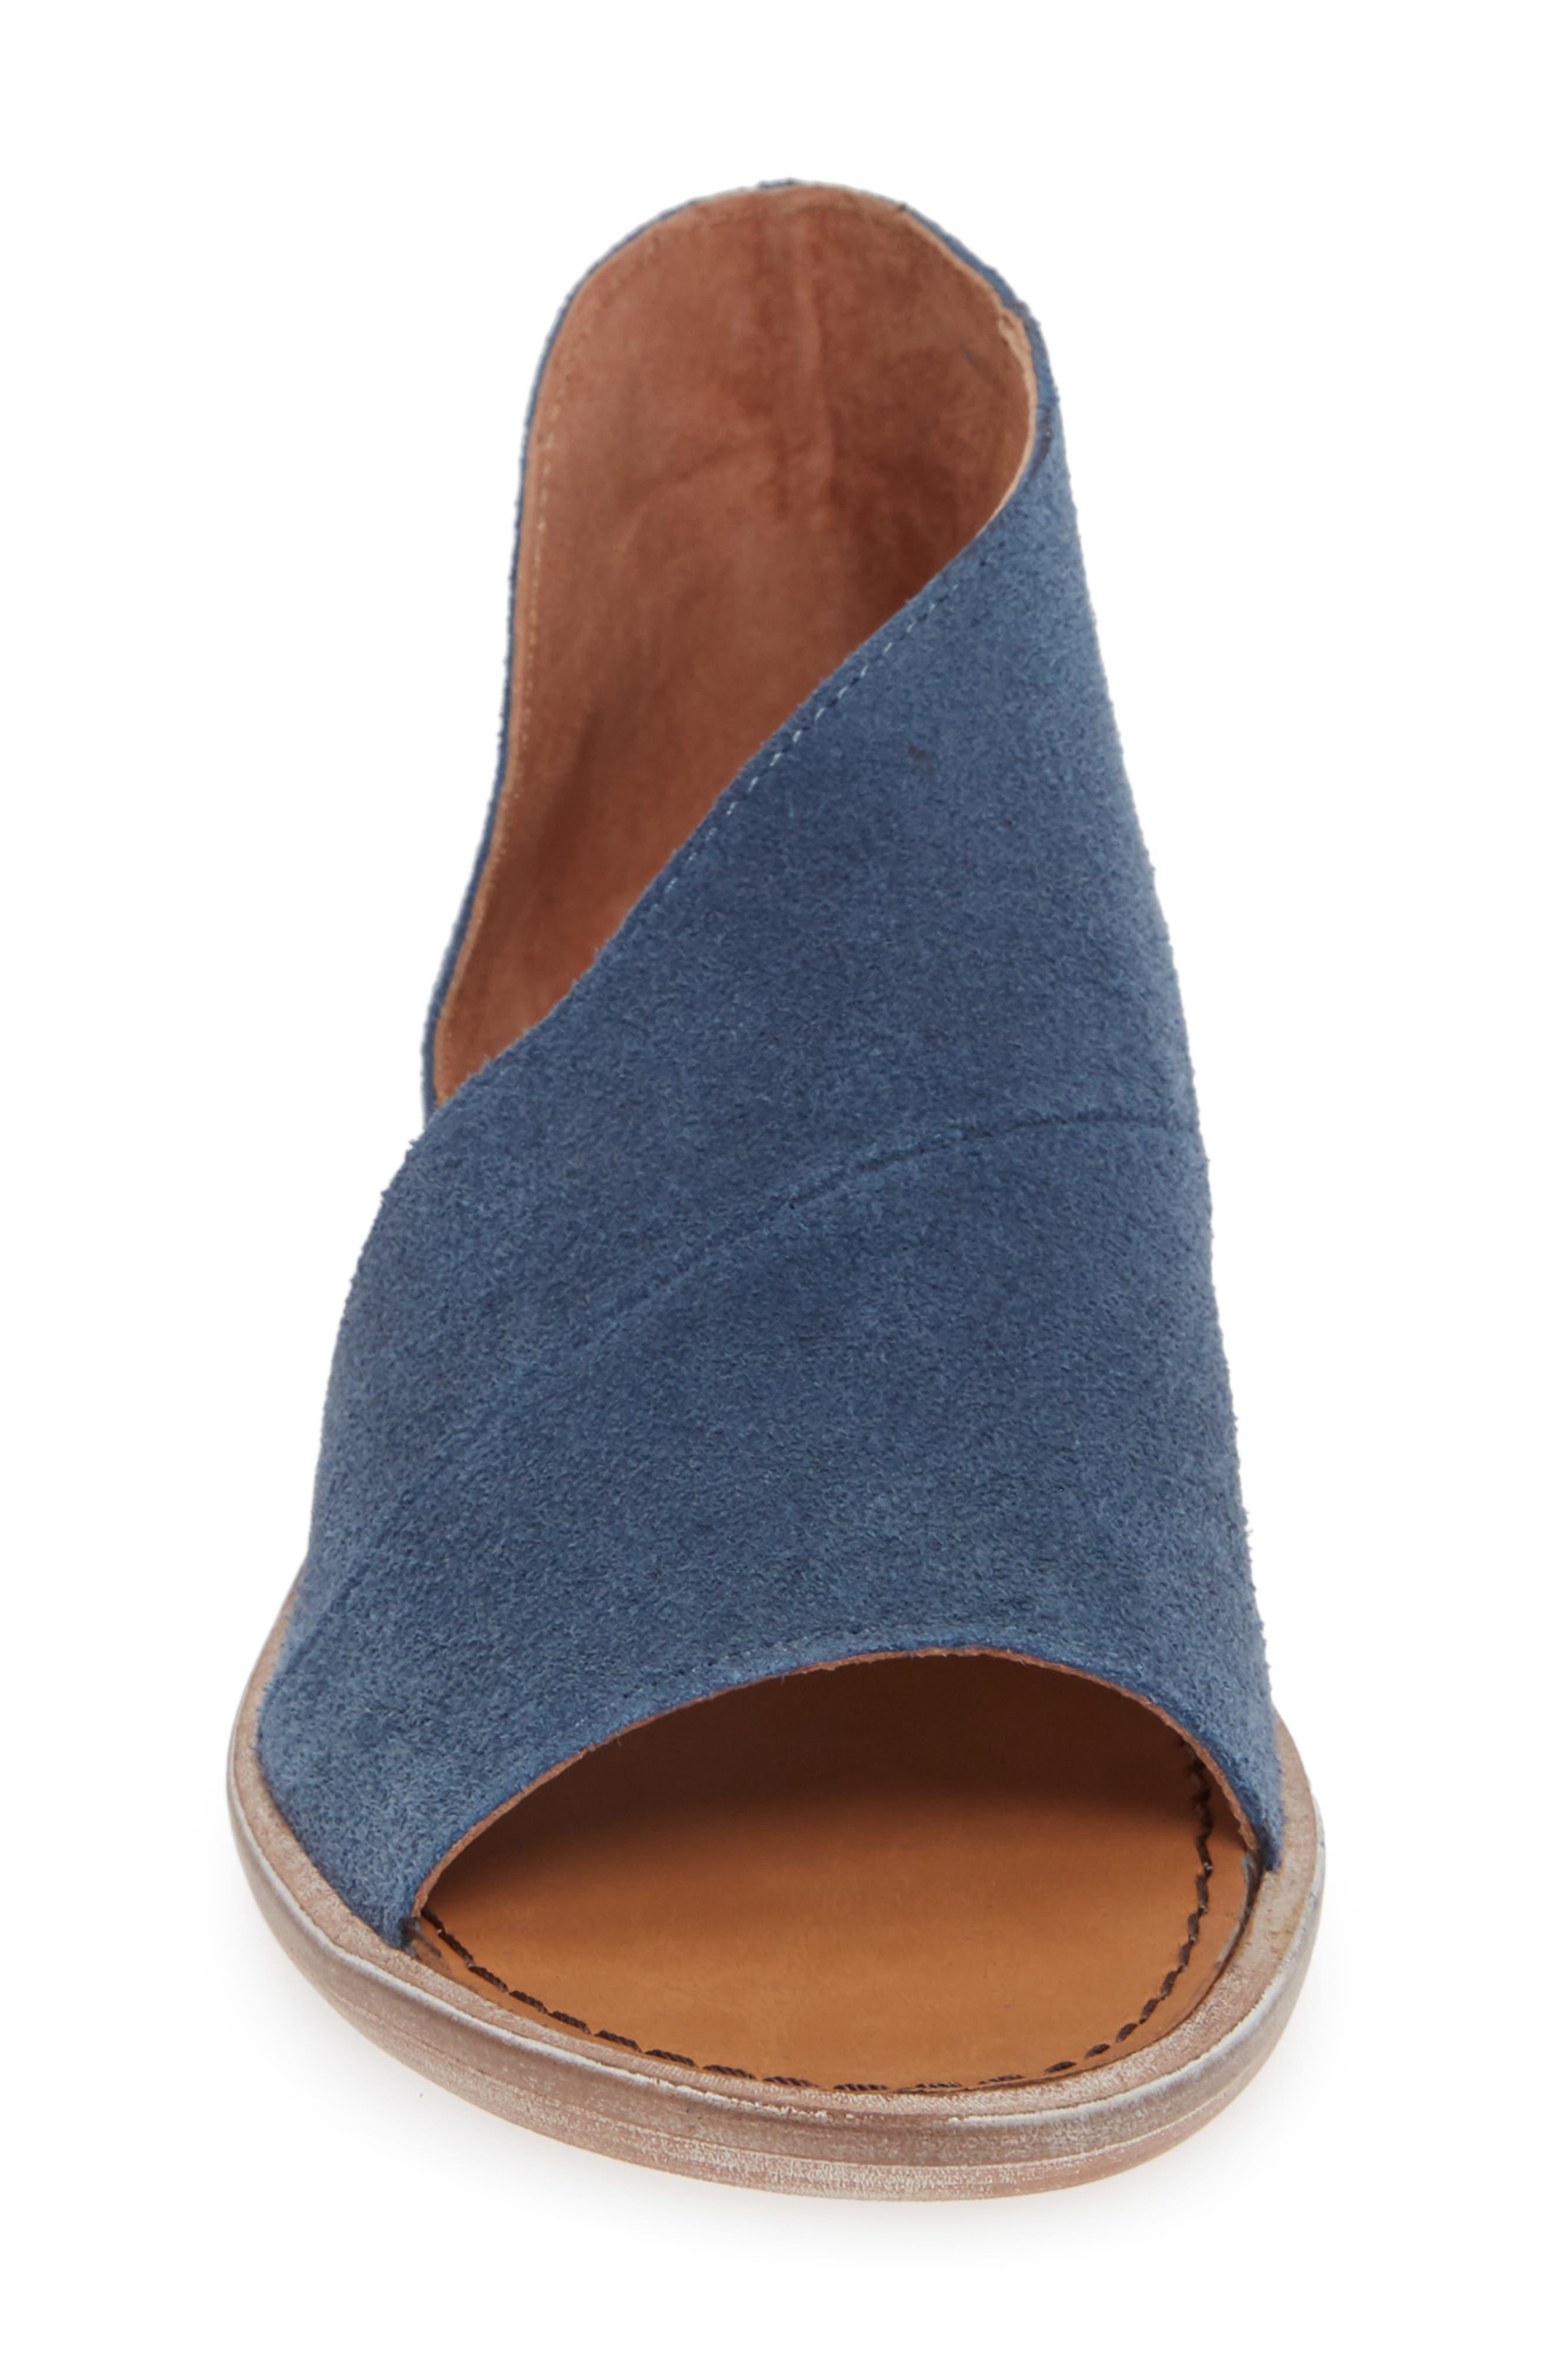 'Mont Blanc' Asymmetrical Sandal,                             Alternate thumbnail 4, color,                             BLUE SUEDE